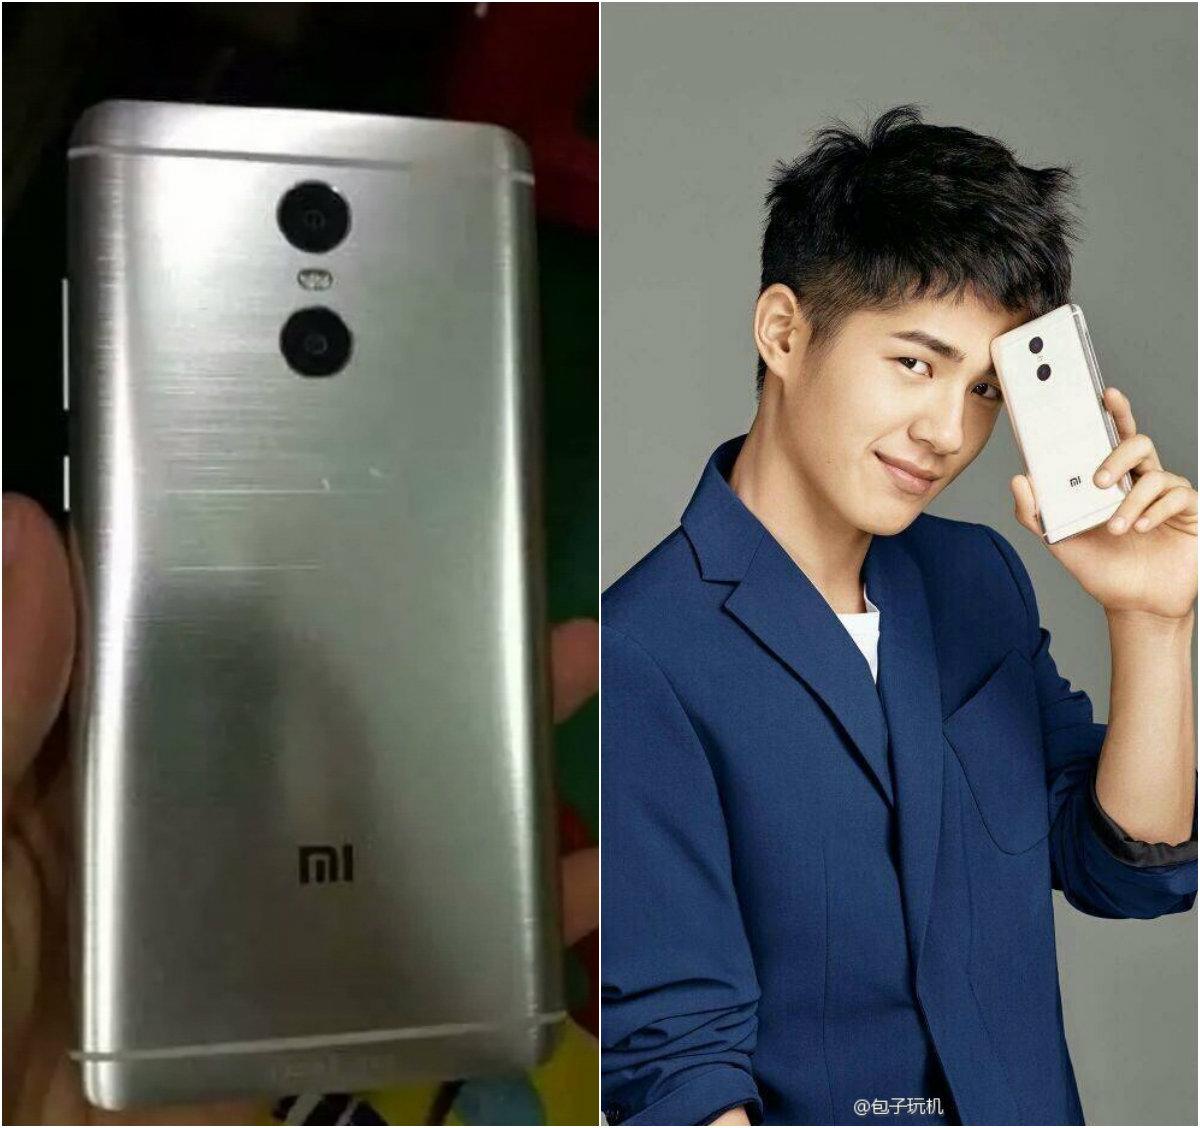 Xiaomi-Redmi-Note-4-leak_3 (1)